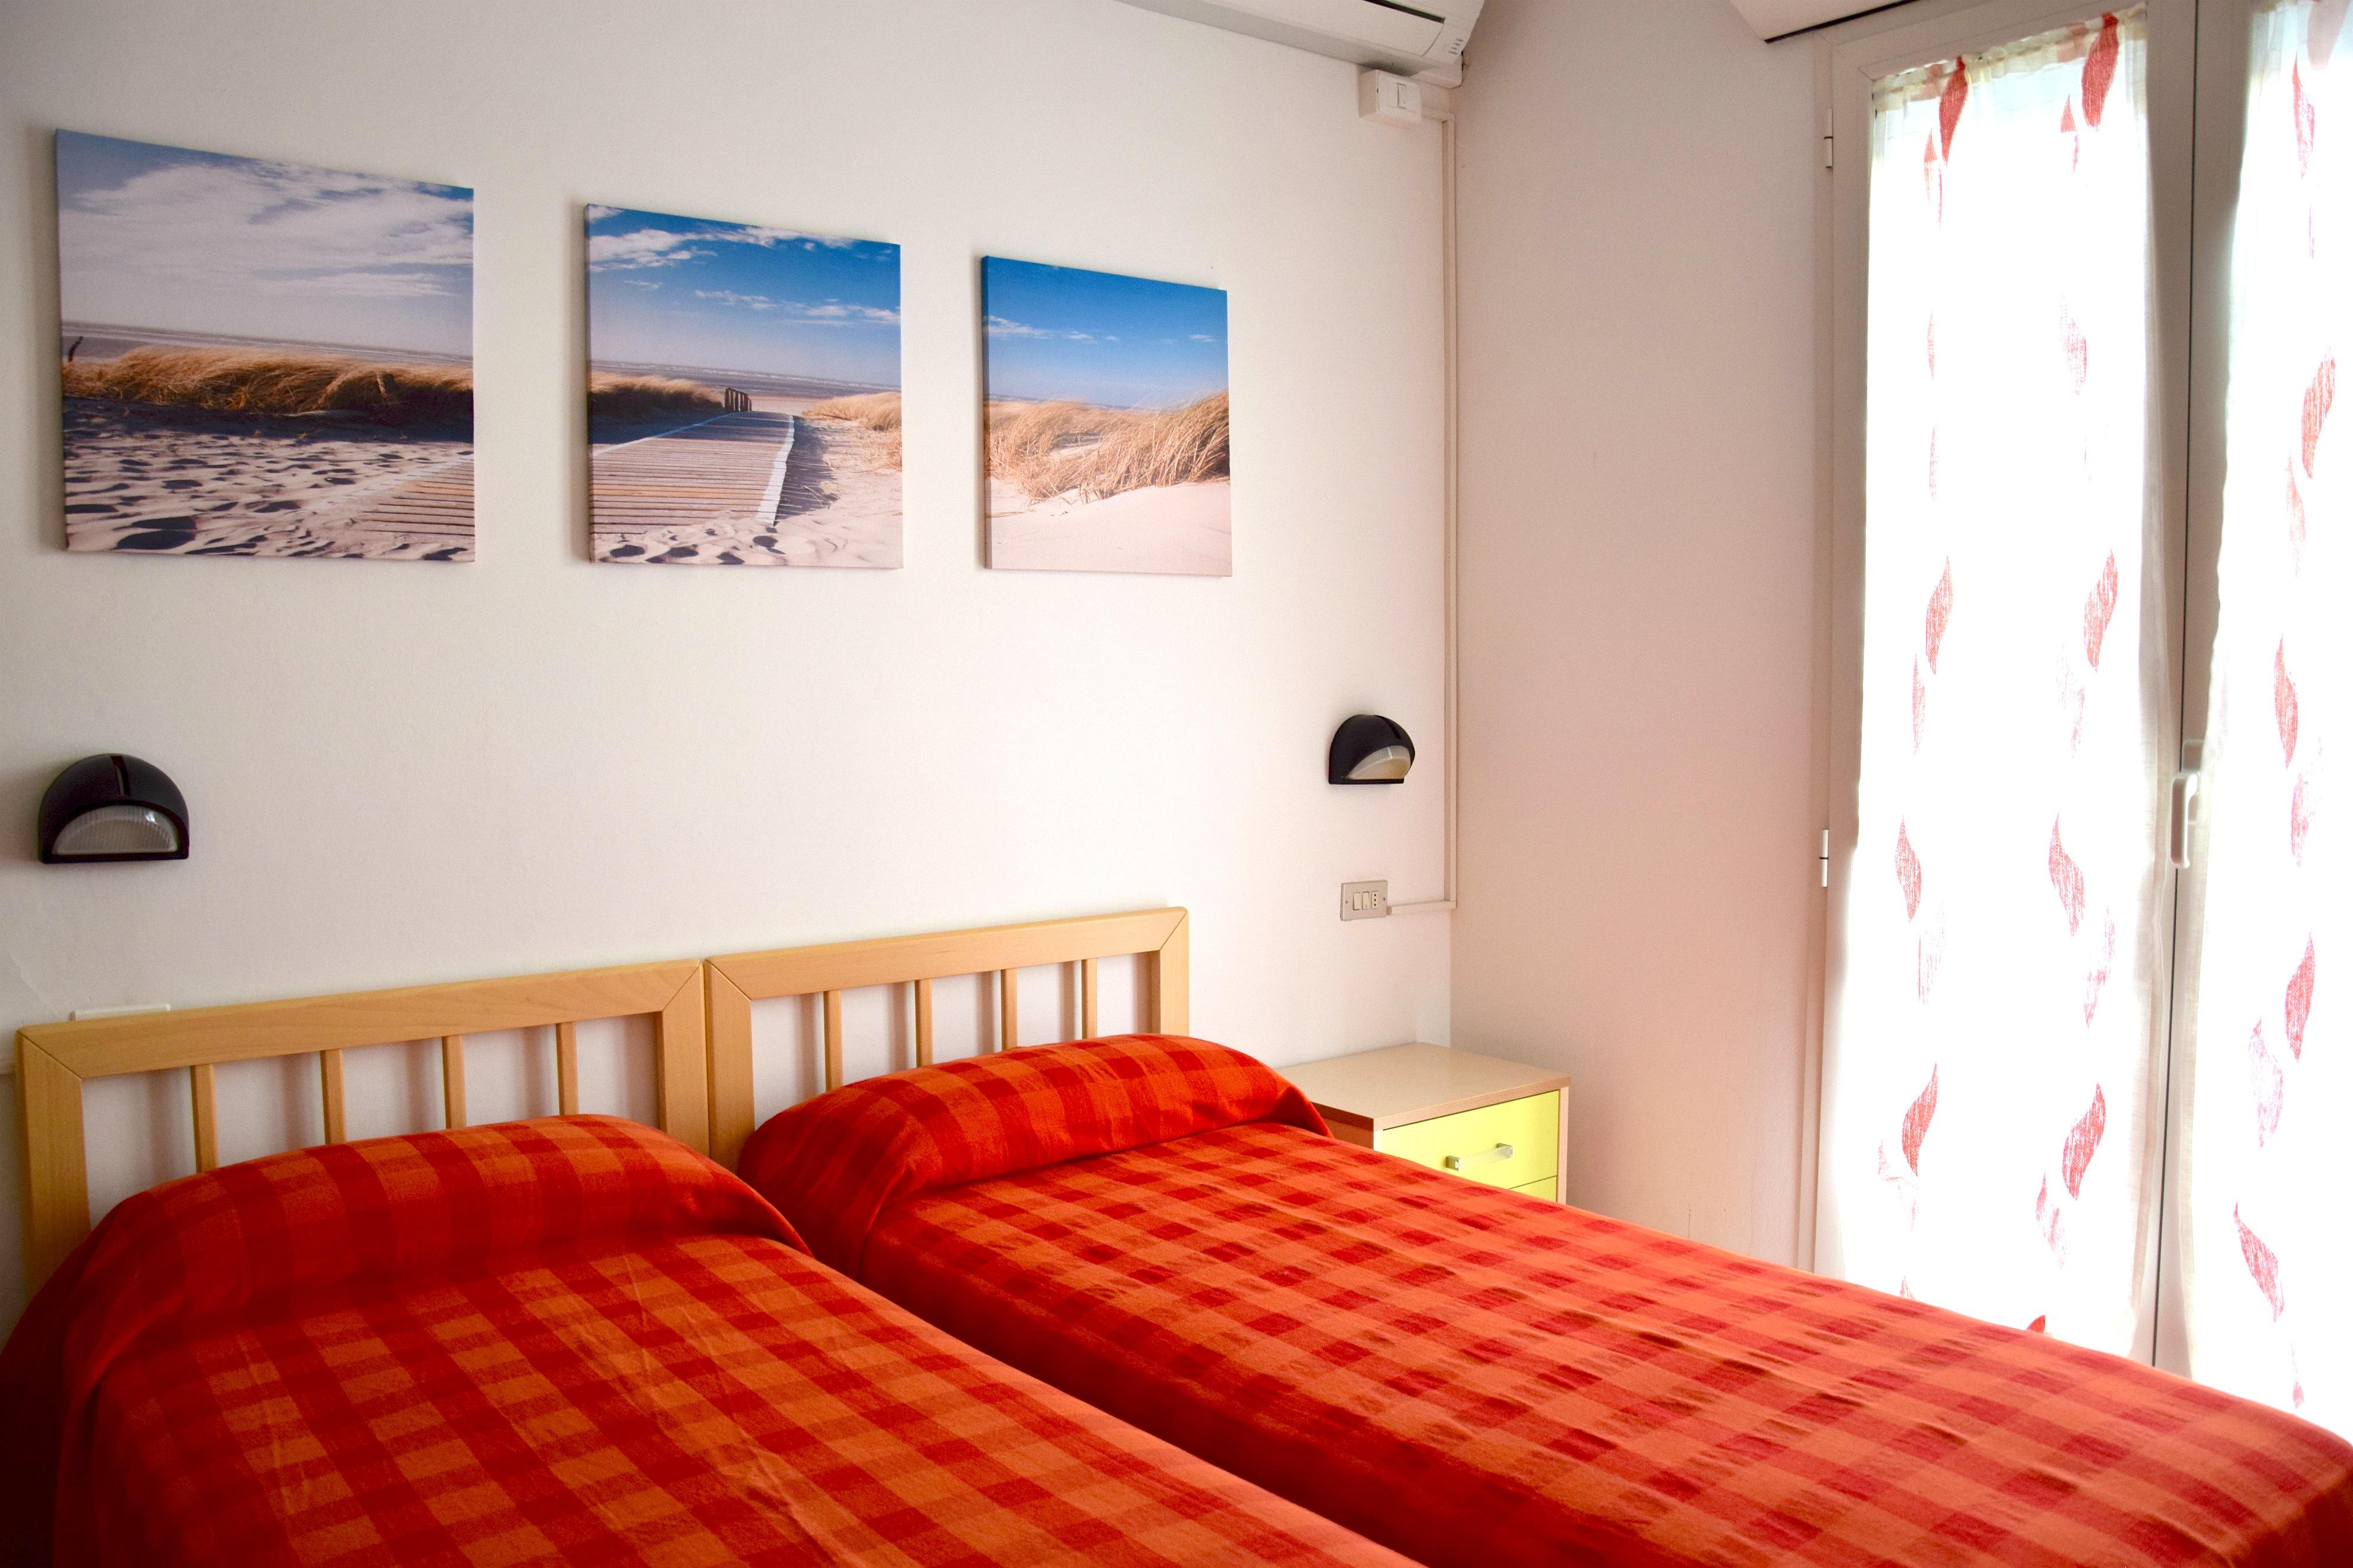 RICCIONE ABISSINIA, appartamento in affitto stagionale breve distanza dal mare